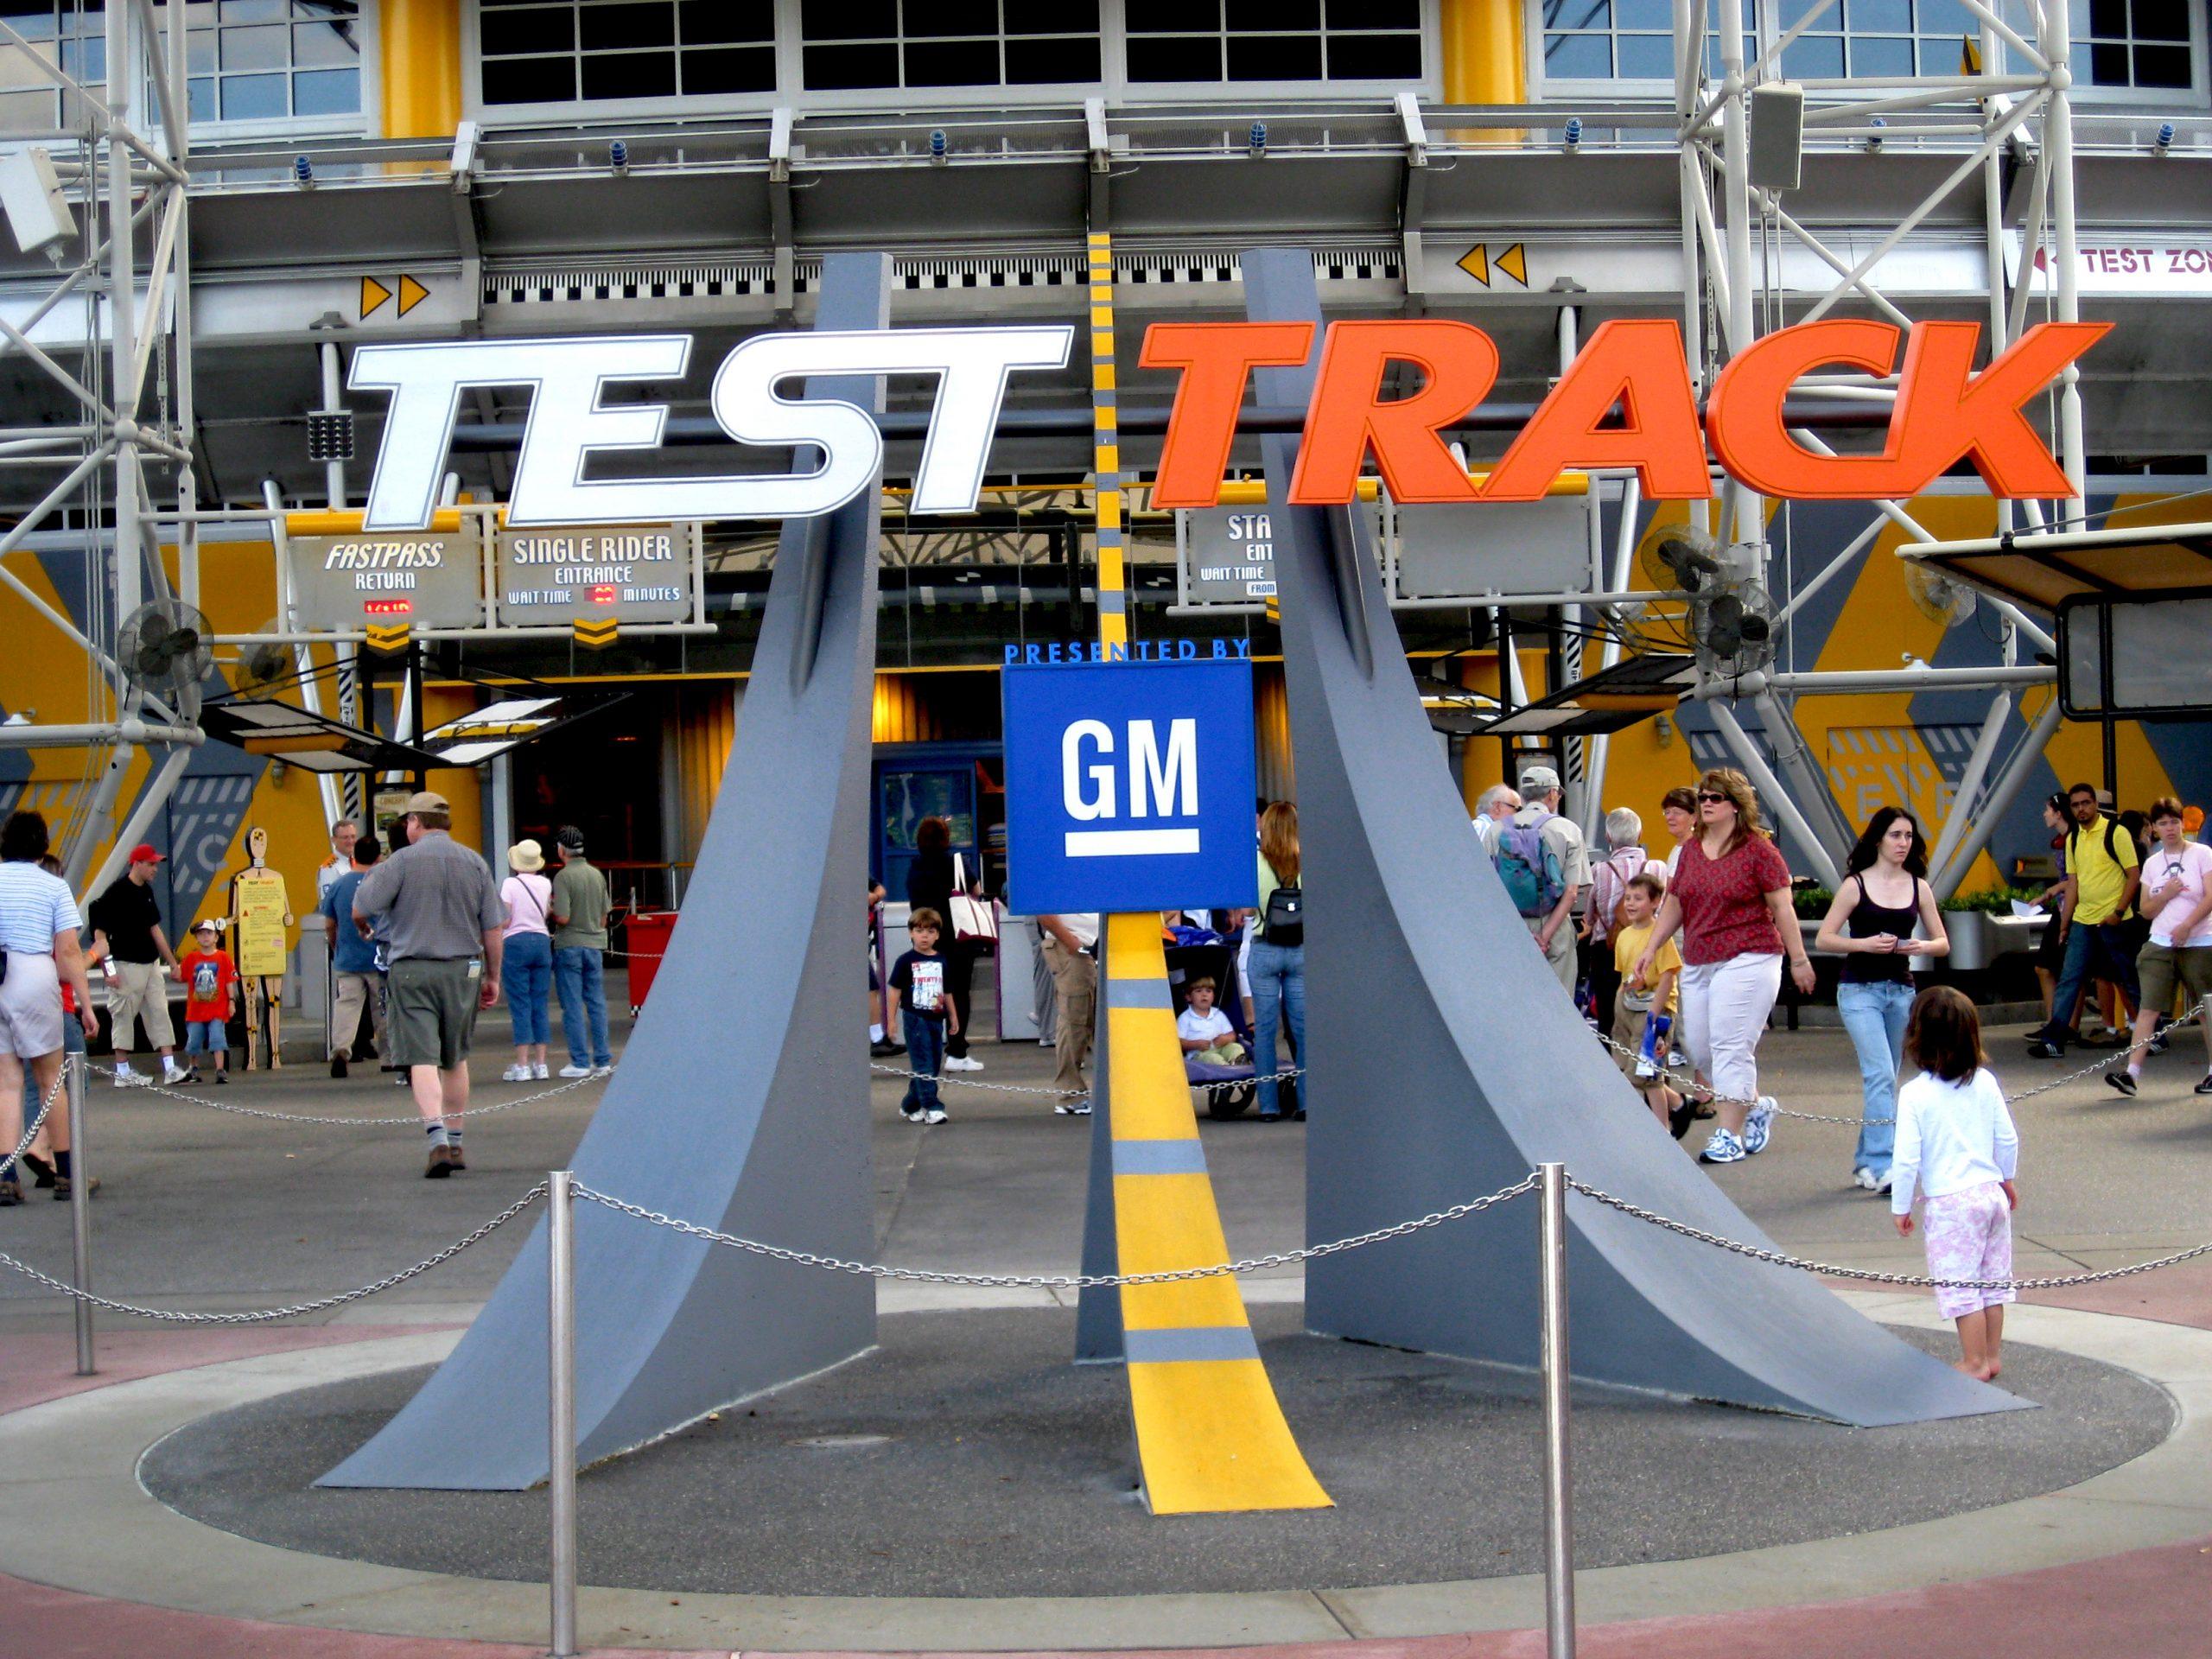 Test Track entrance